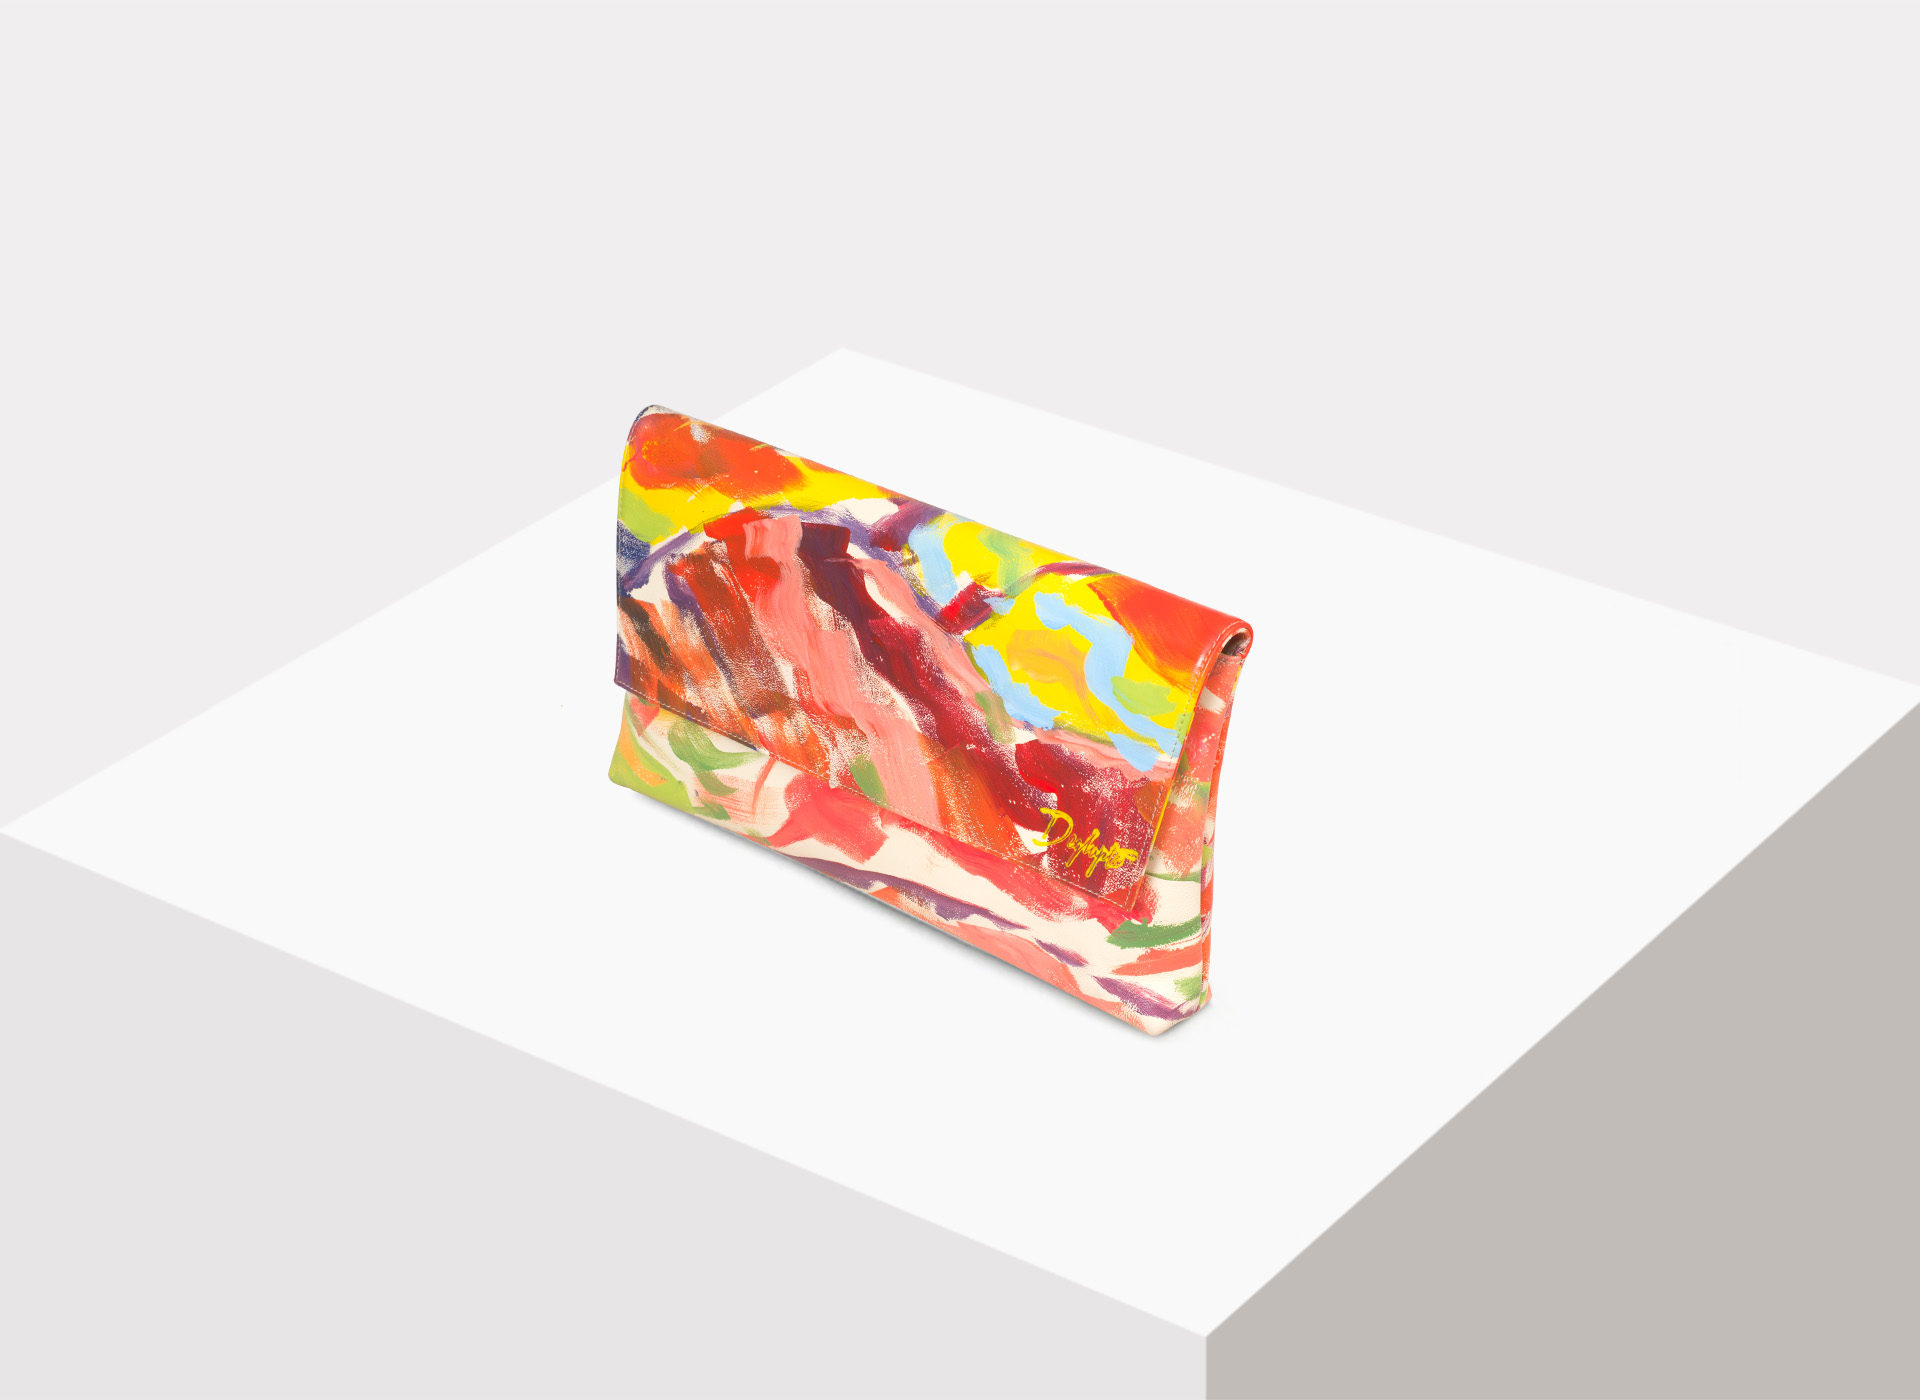 Bonsai 5006030004-1 - Deglupta